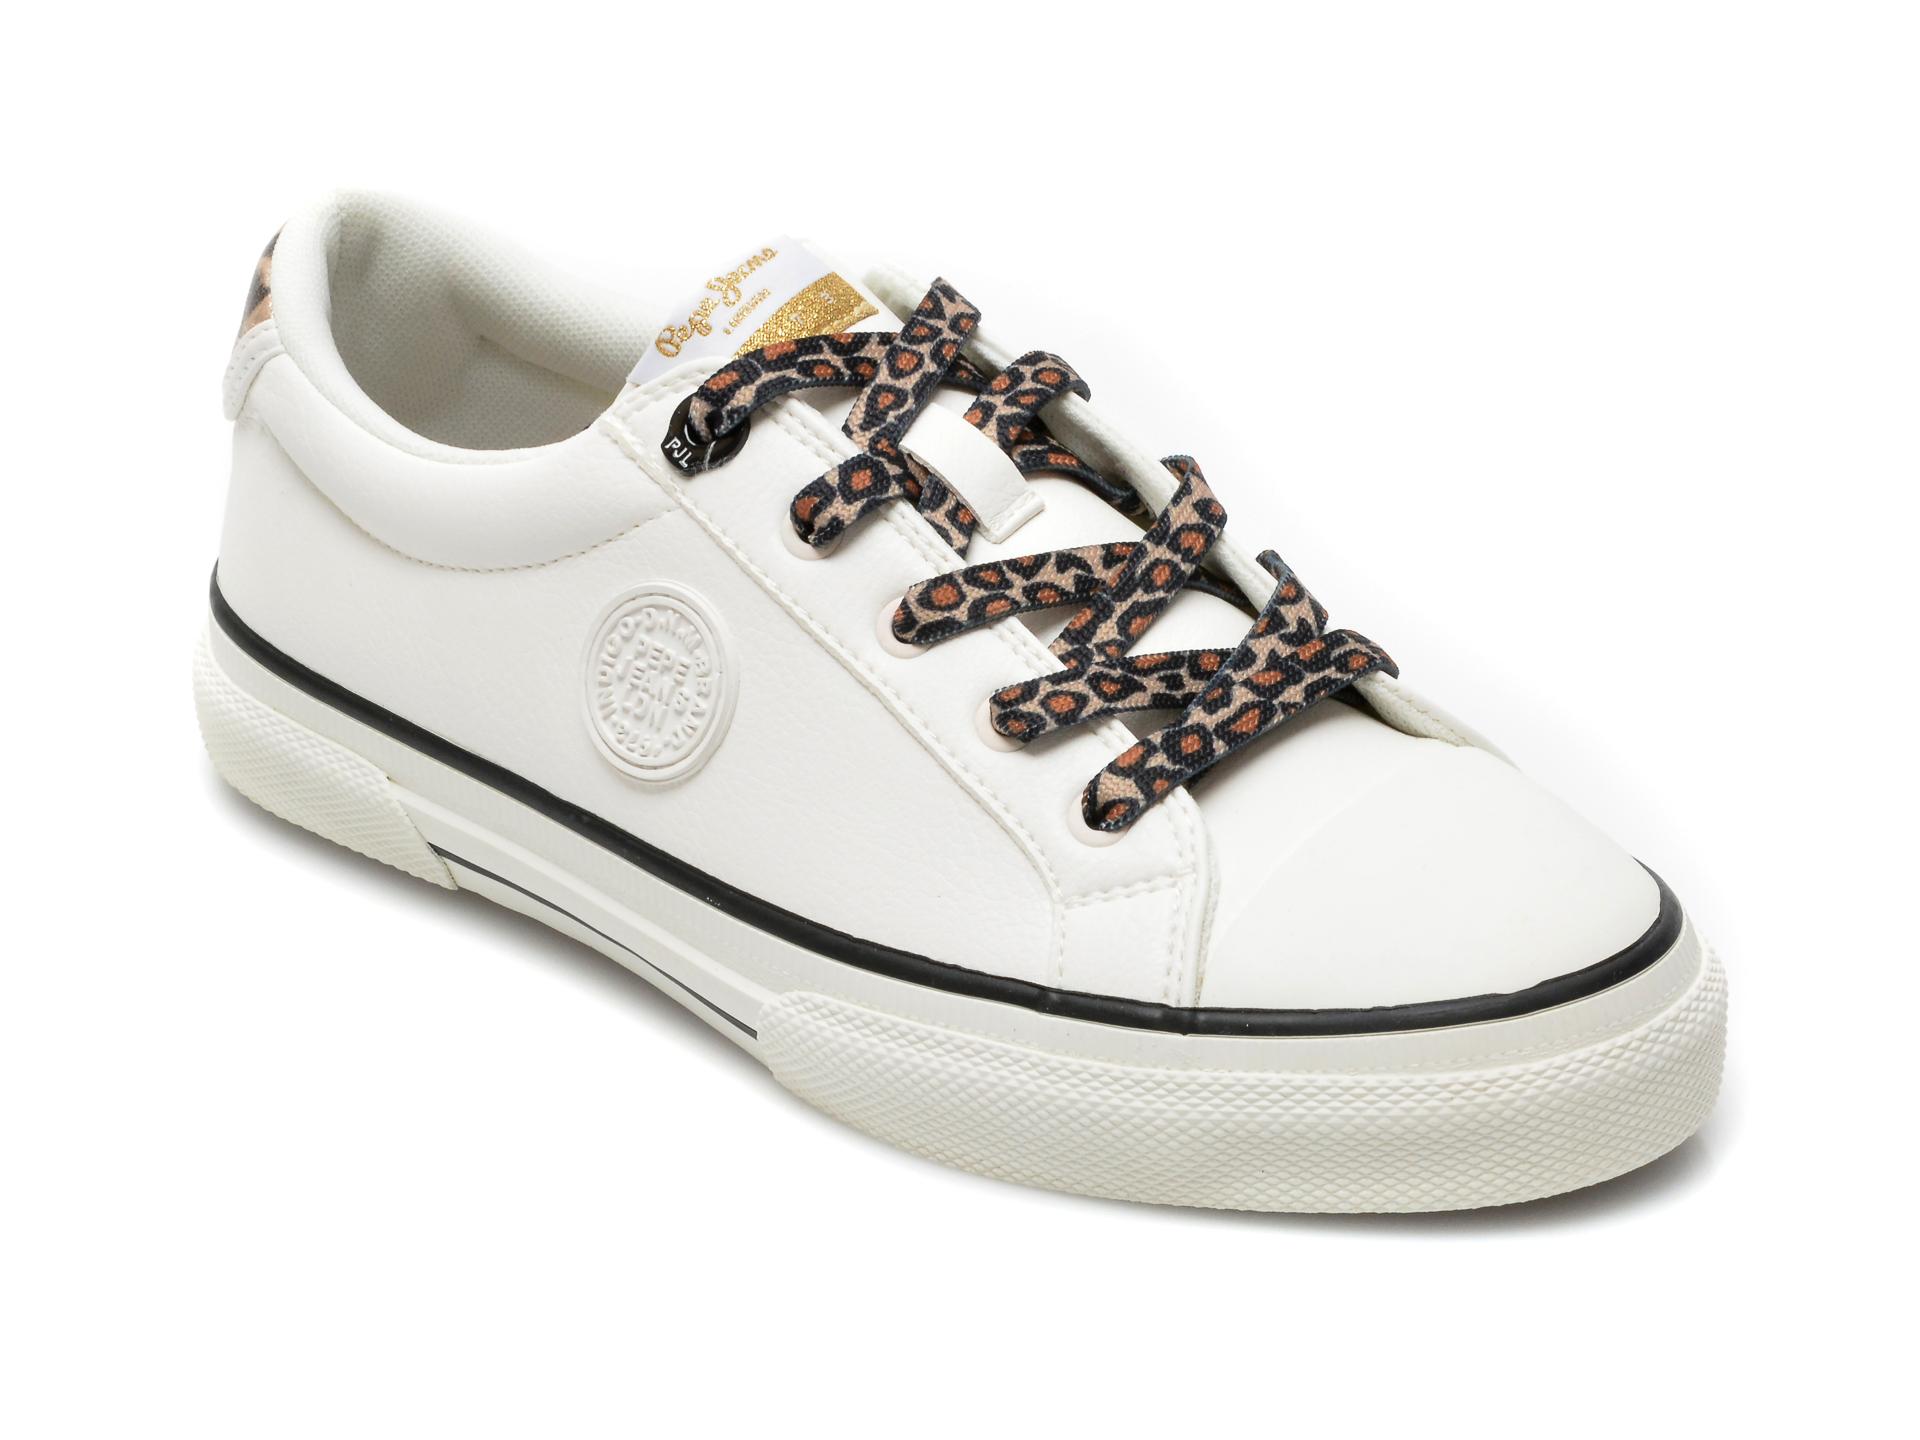 Pantofi sport PEPE JEANS albi, LS31234, din piele ecologica